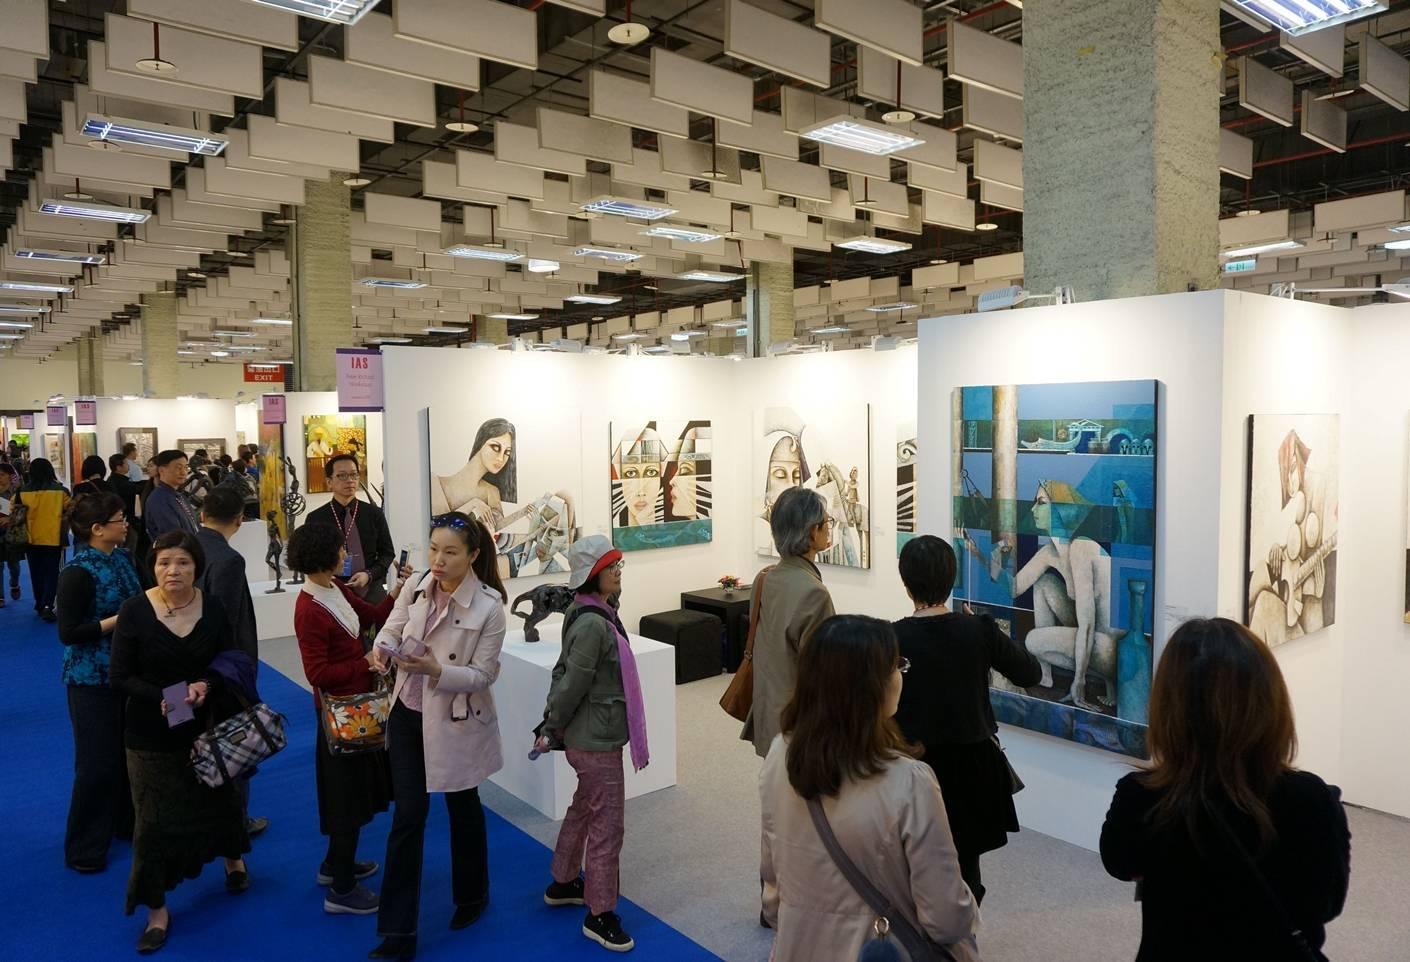 「2018國際藝術家大獎賽」即日起受理報名,年滿18歲以上的藝術創作者均可參賽。